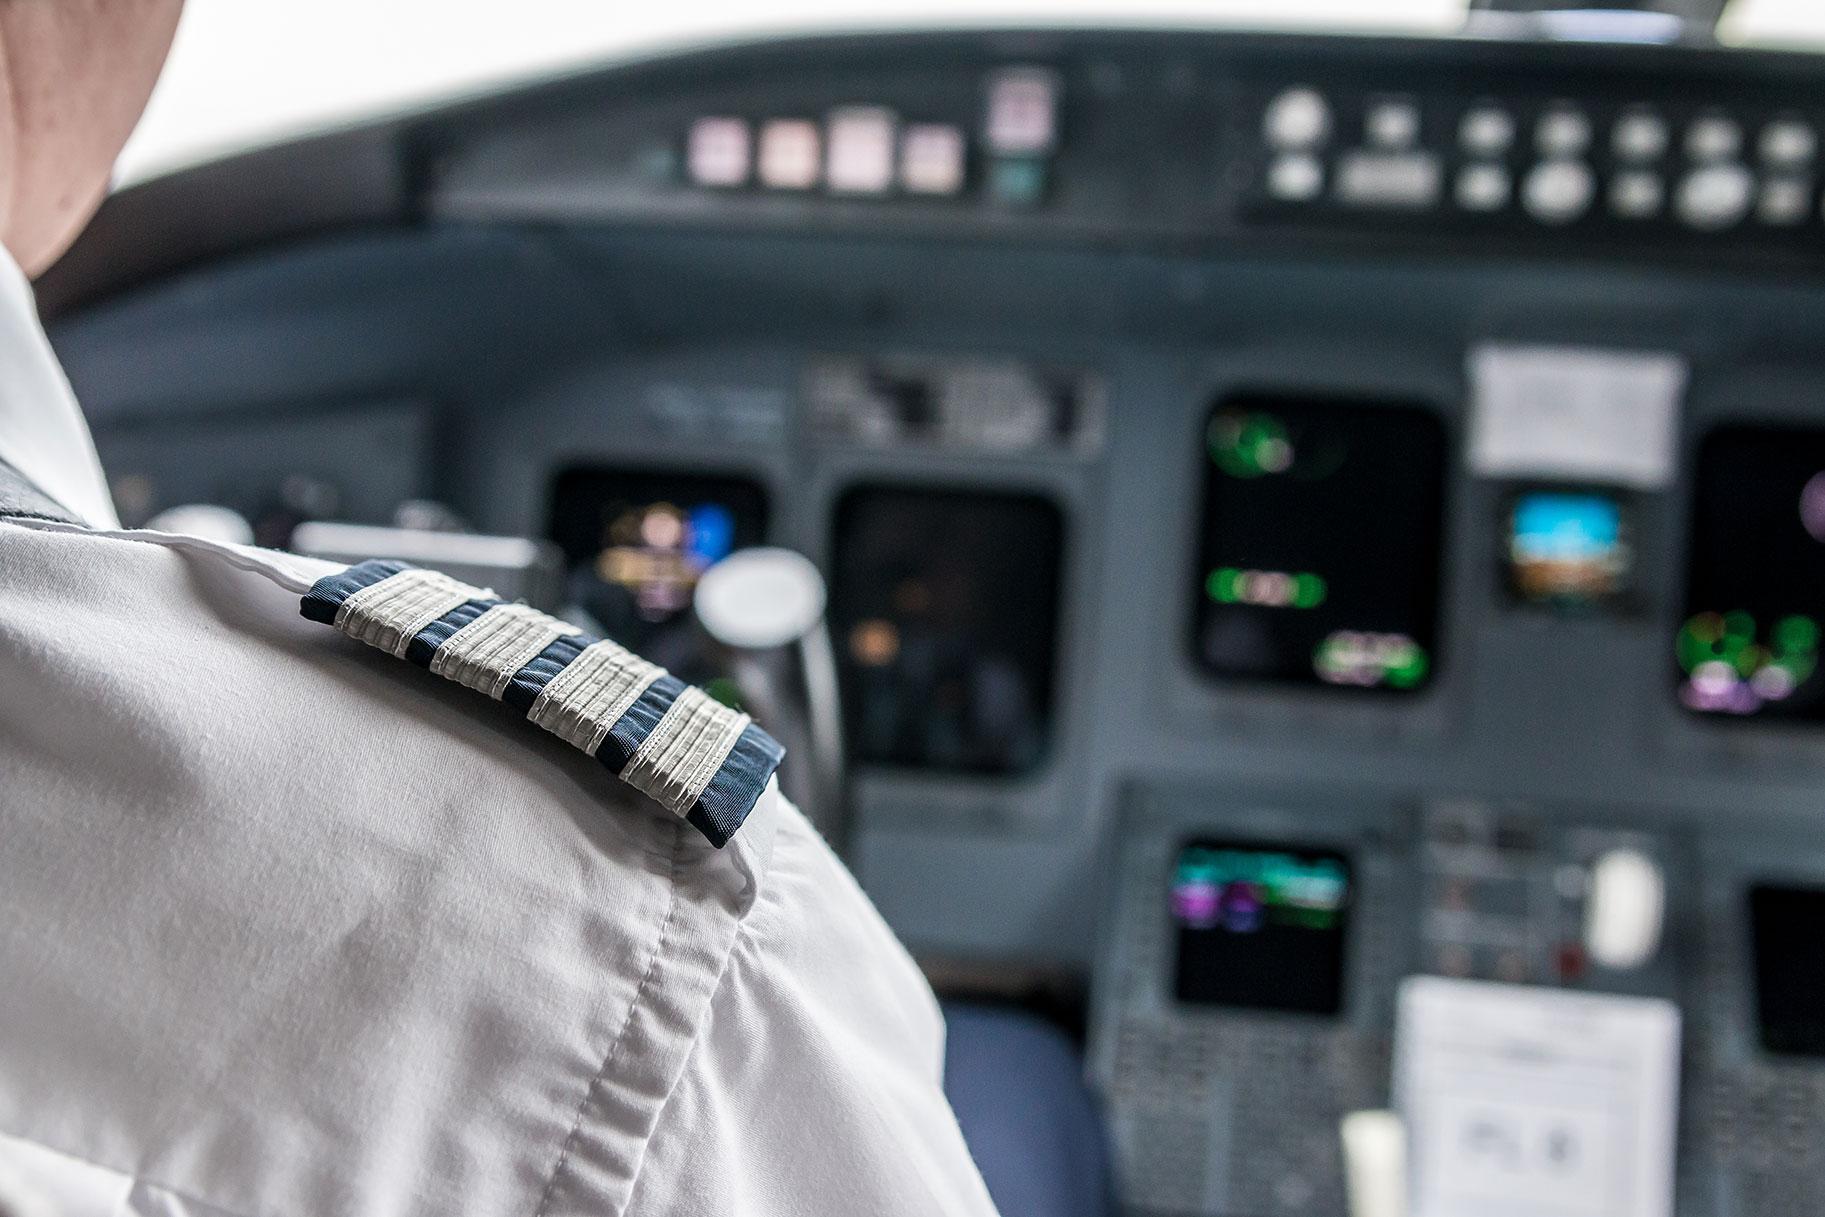 Millonario condenado a 7 años después de poner el avión en piloto automático por actos sexuales con un adolescente